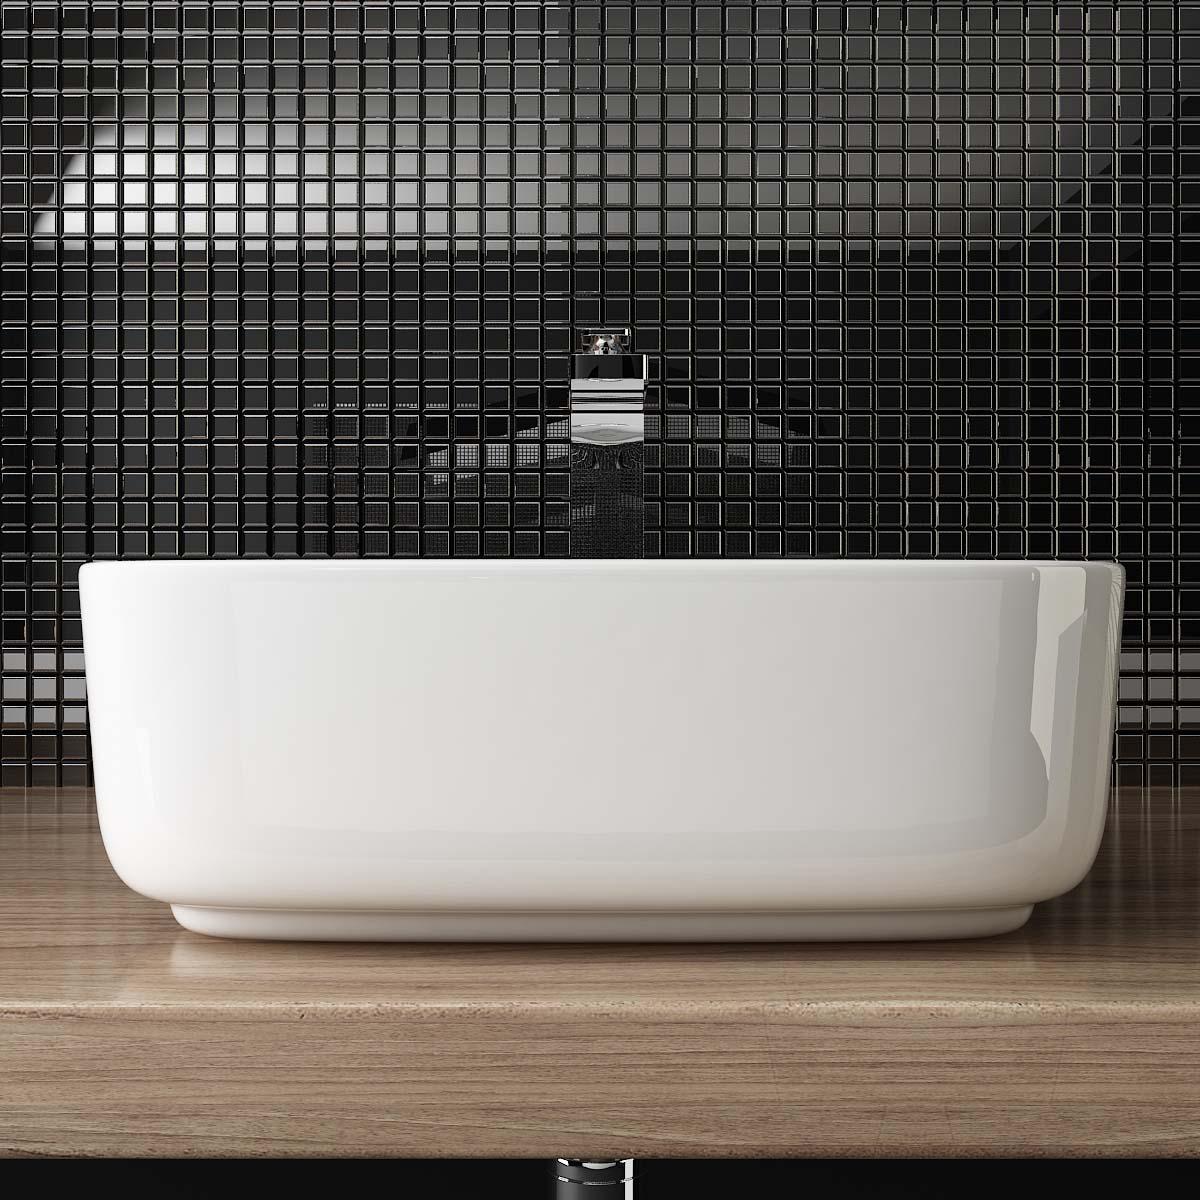 design keramik aufsatzwaschbecken handwaschbecken waschschale g ste wc top a108 ebay. Black Bedroom Furniture Sets. Home Design Ideas